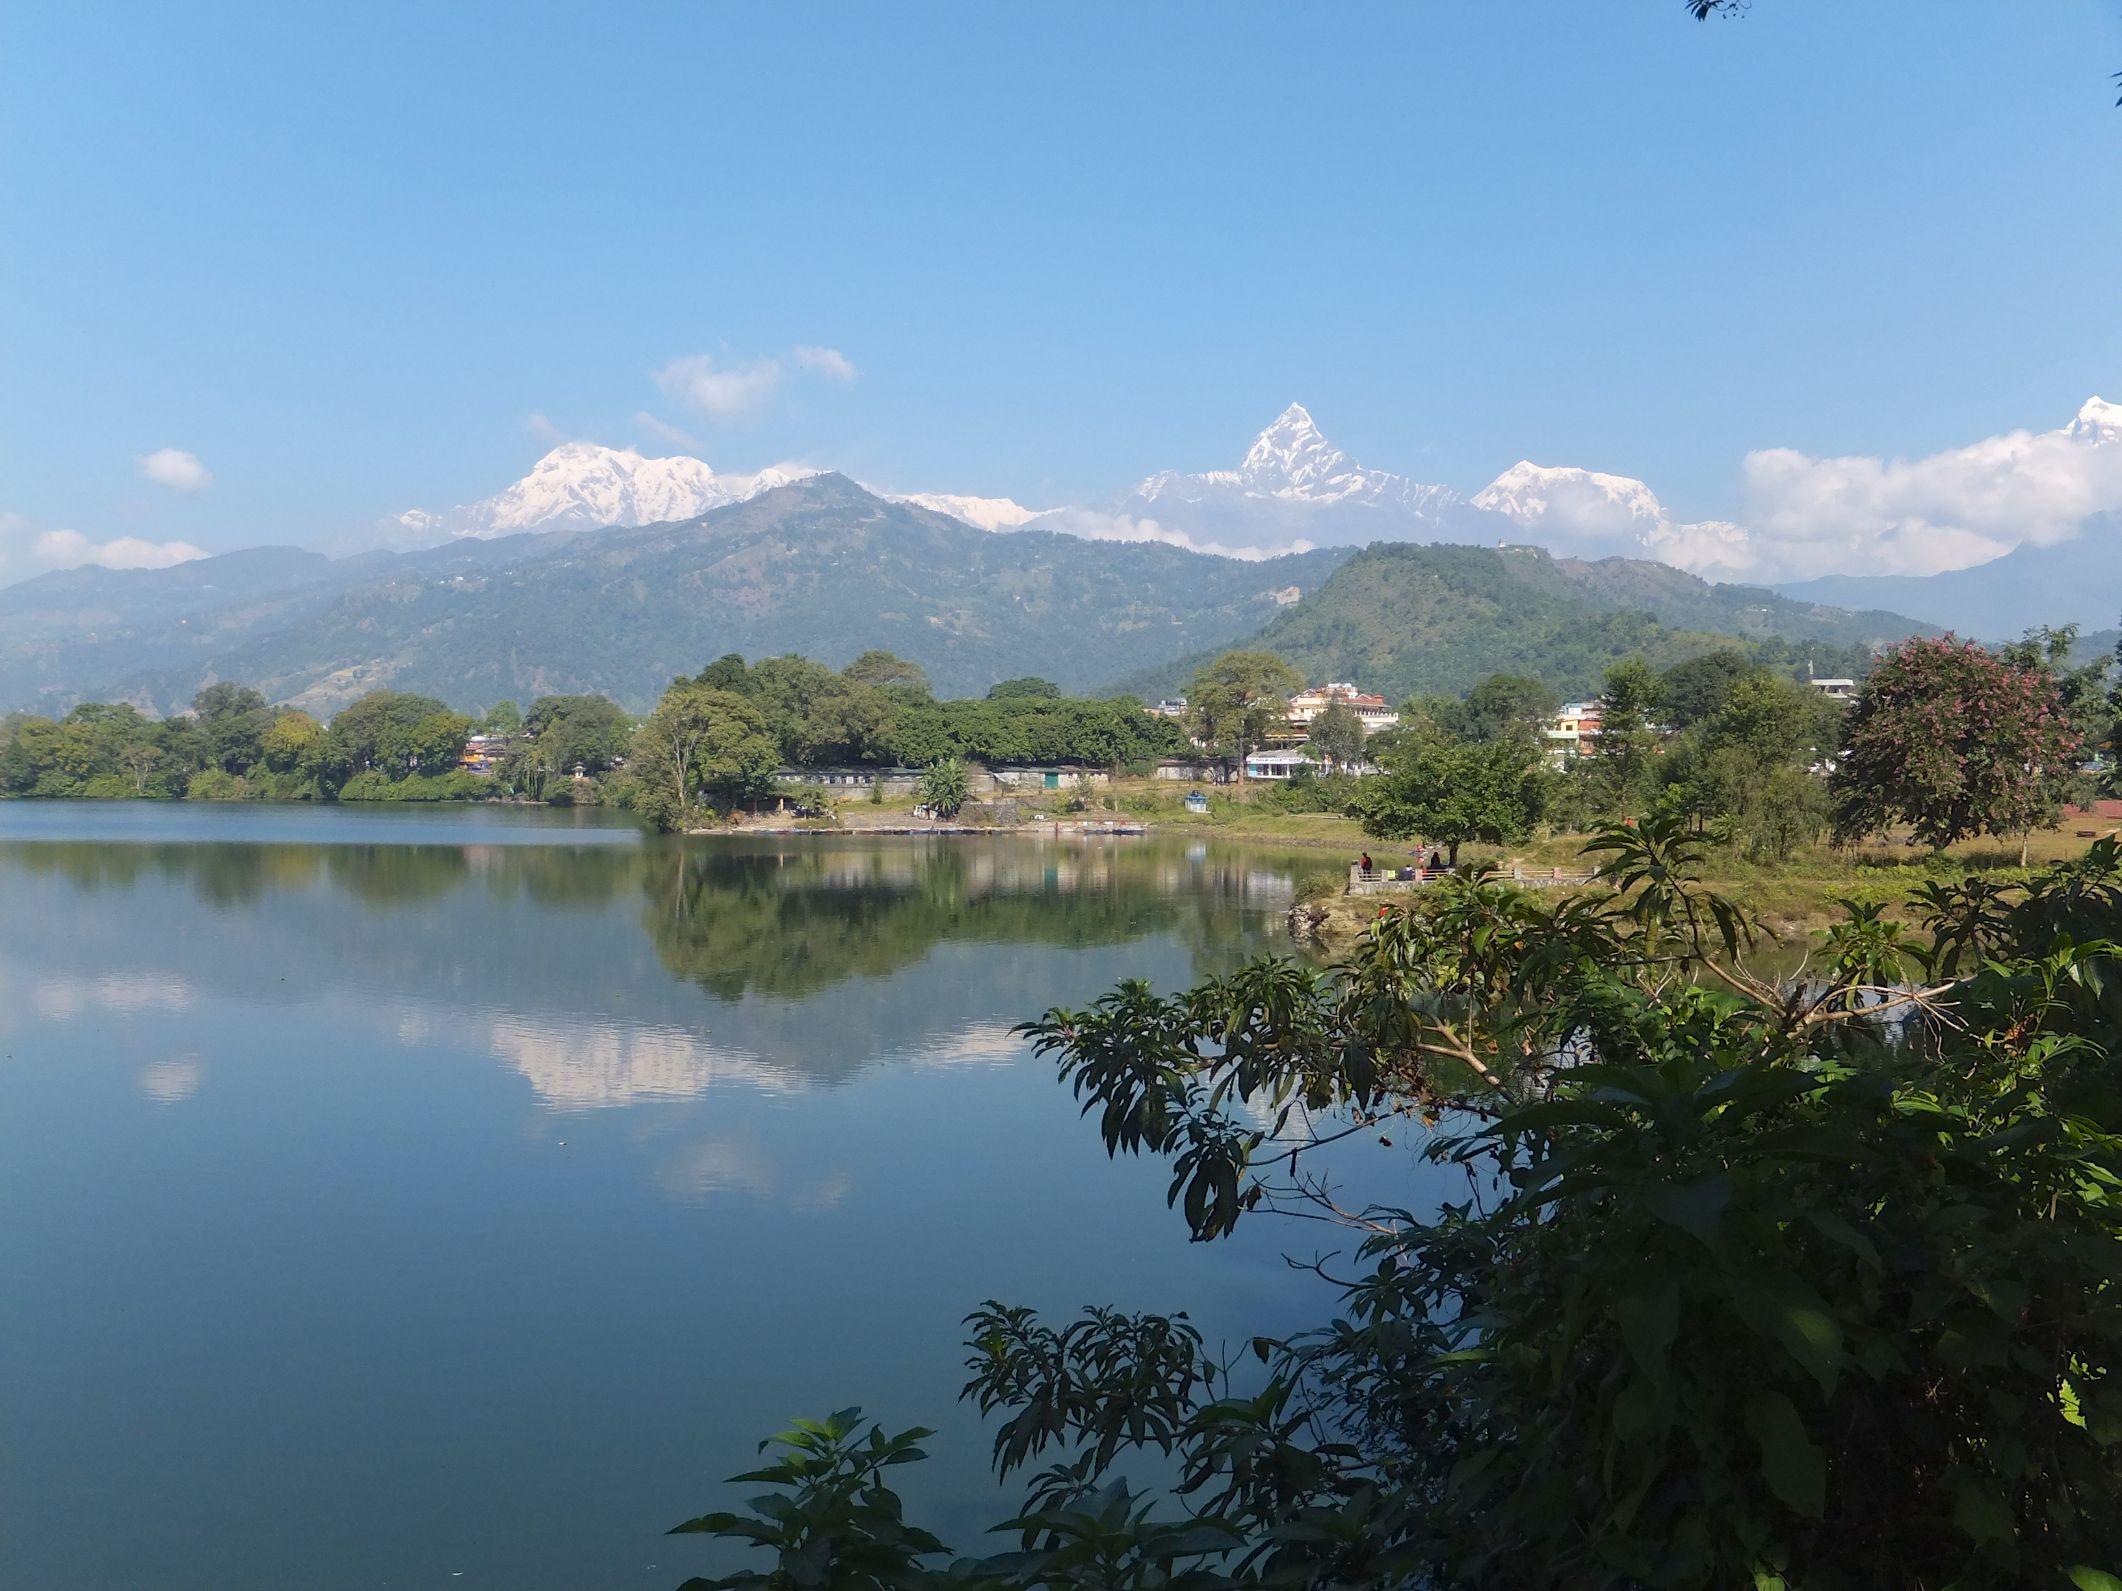 Auf der Flucht aus der Stadt ging es nach Pokhara